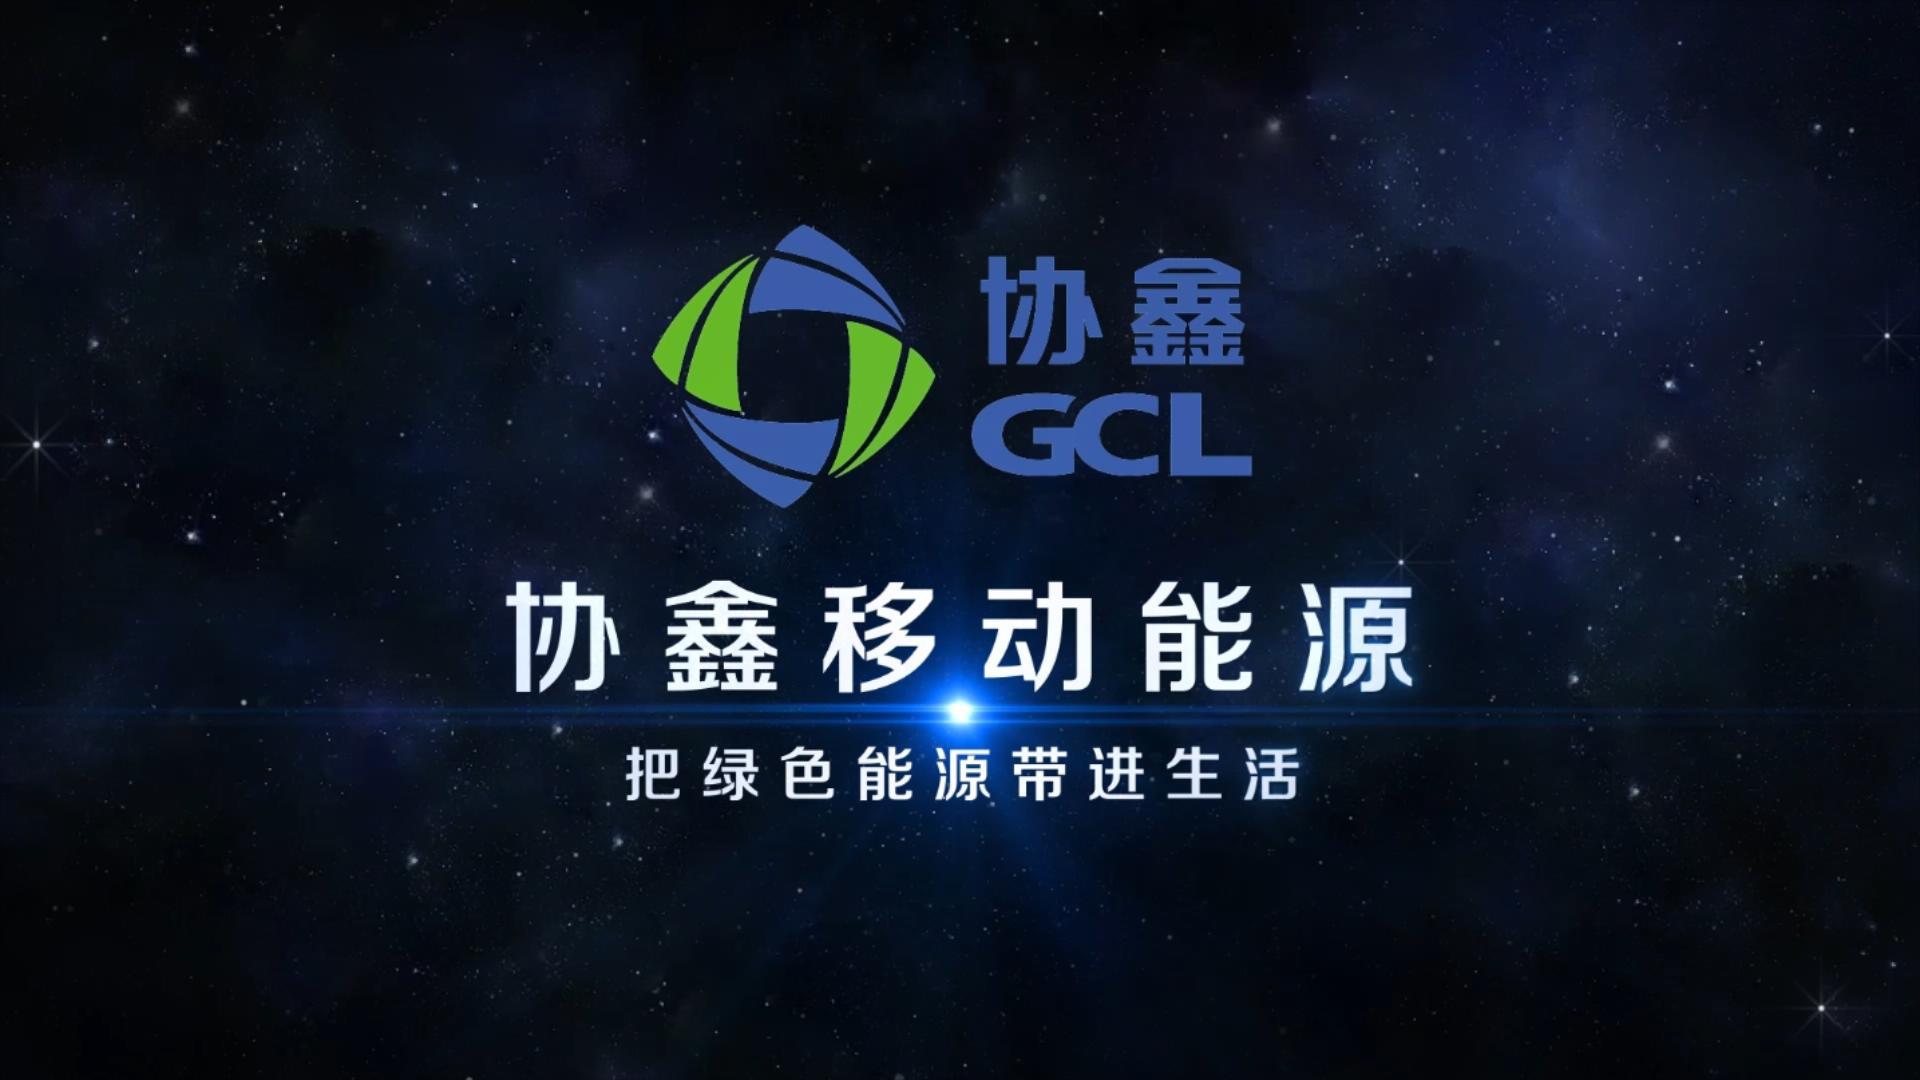 协鑫新能源汽车宣传片